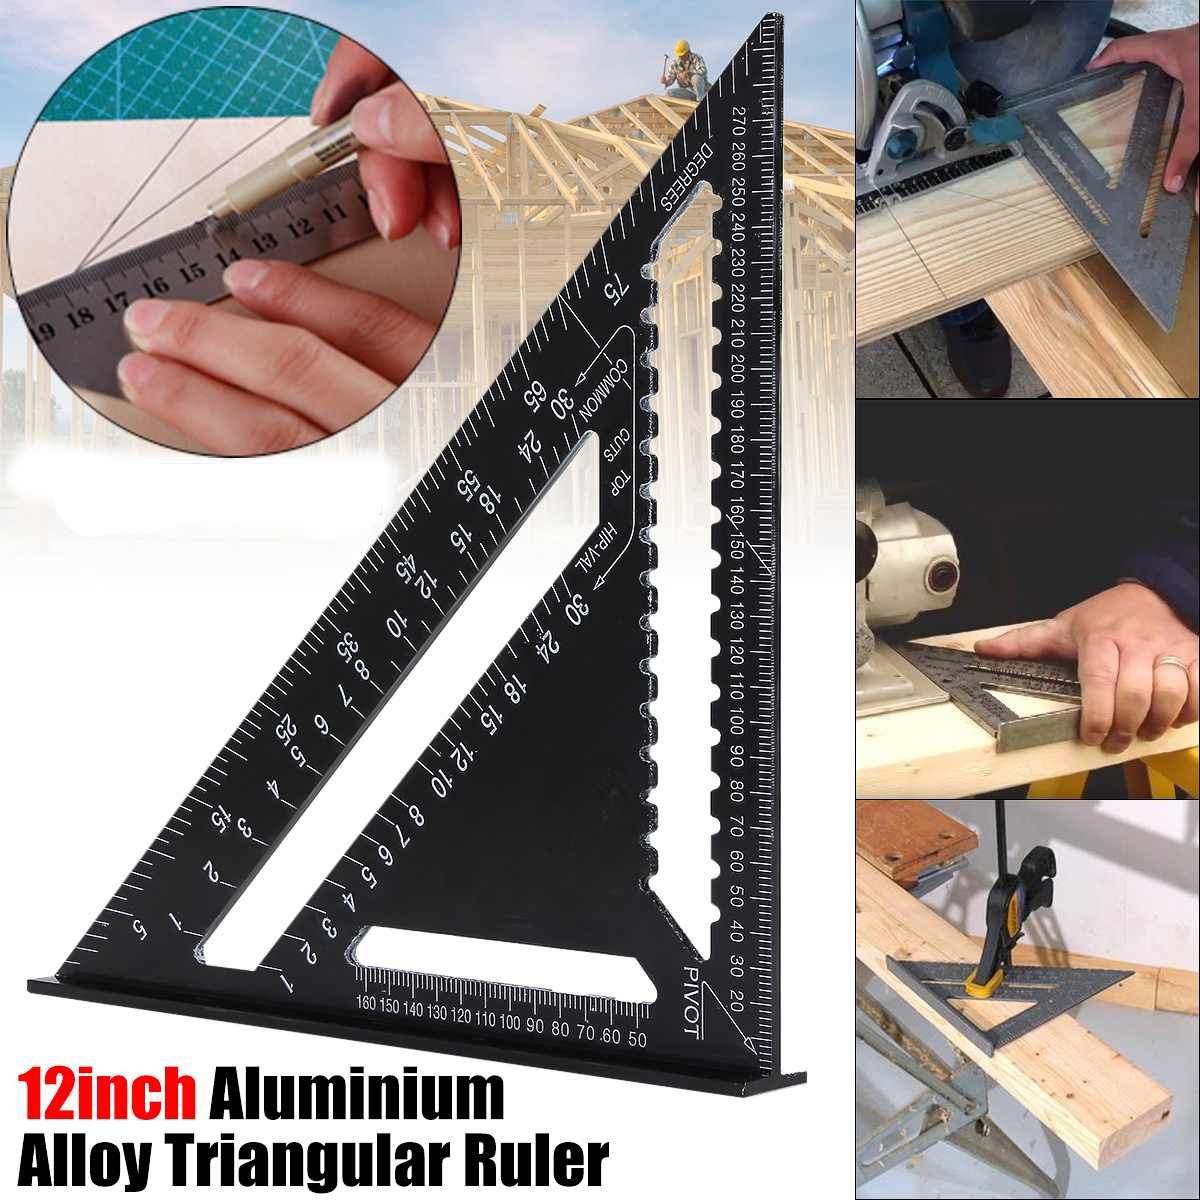 Regla cuadrada de aleación de aluminio de 12 pulgadas, cuadrada, cuadrada, para medir herramientas, ángulo métrico, transportador, herramientas de carpintería